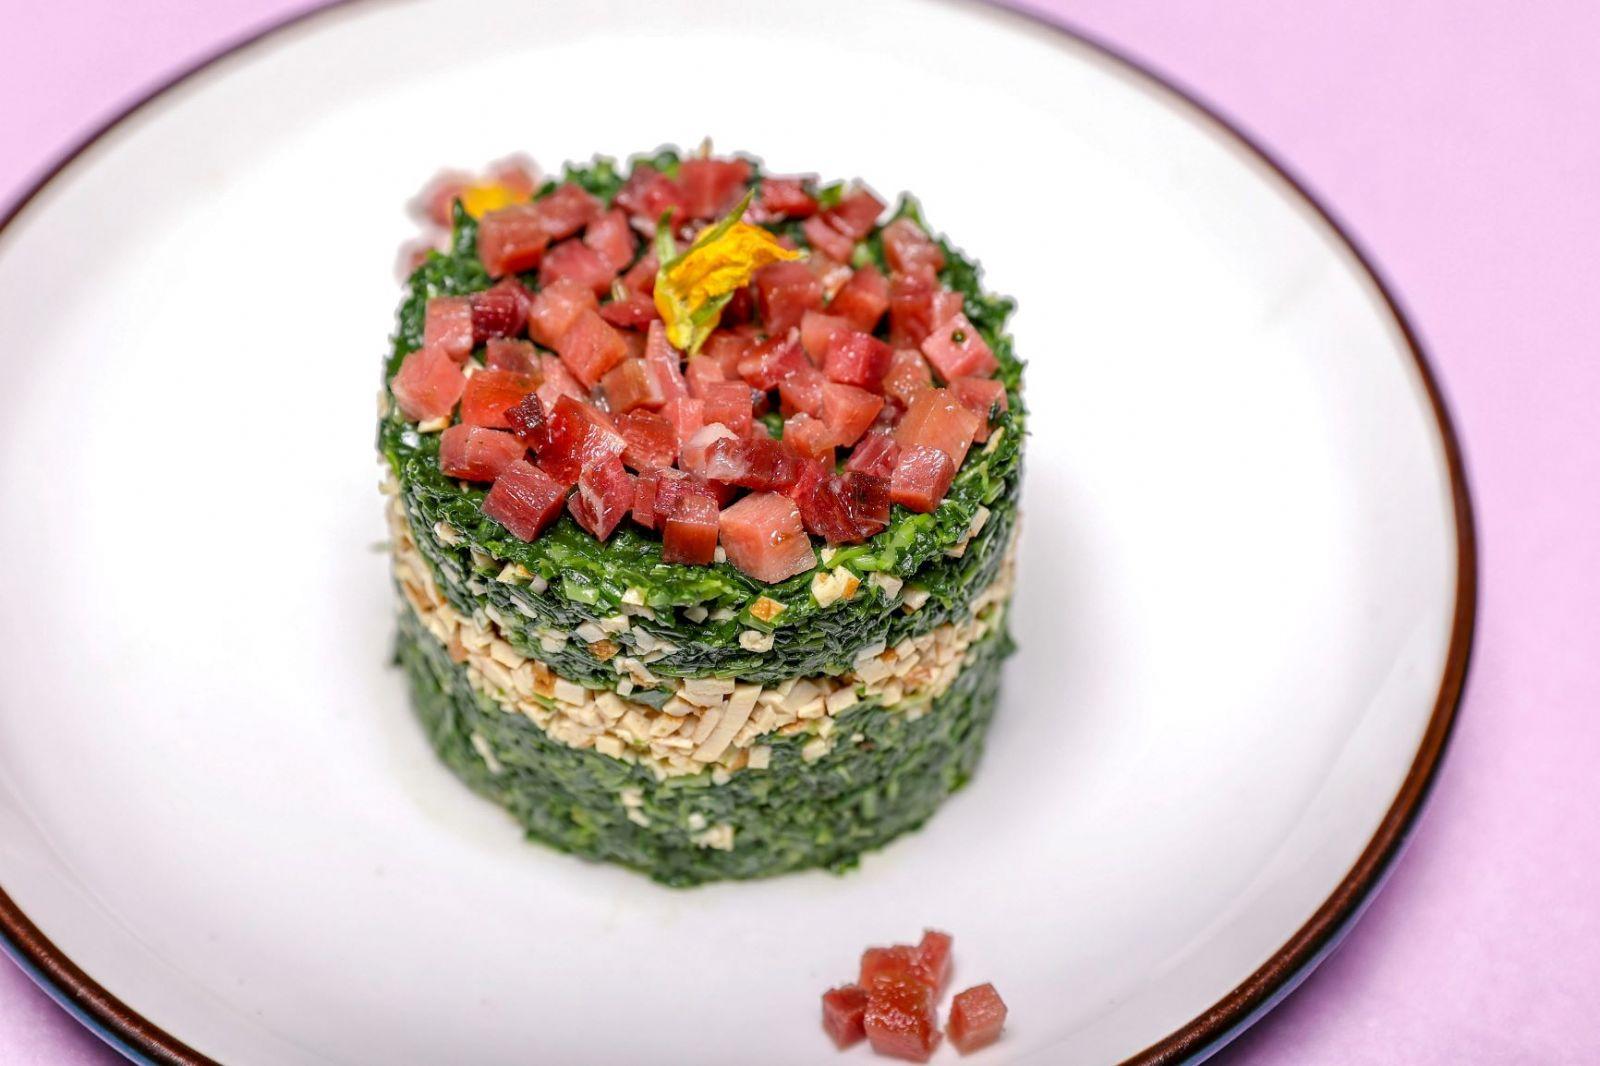 上海环球港凯悦酒店春季菜 这一抹绿!宣告春天的到来!